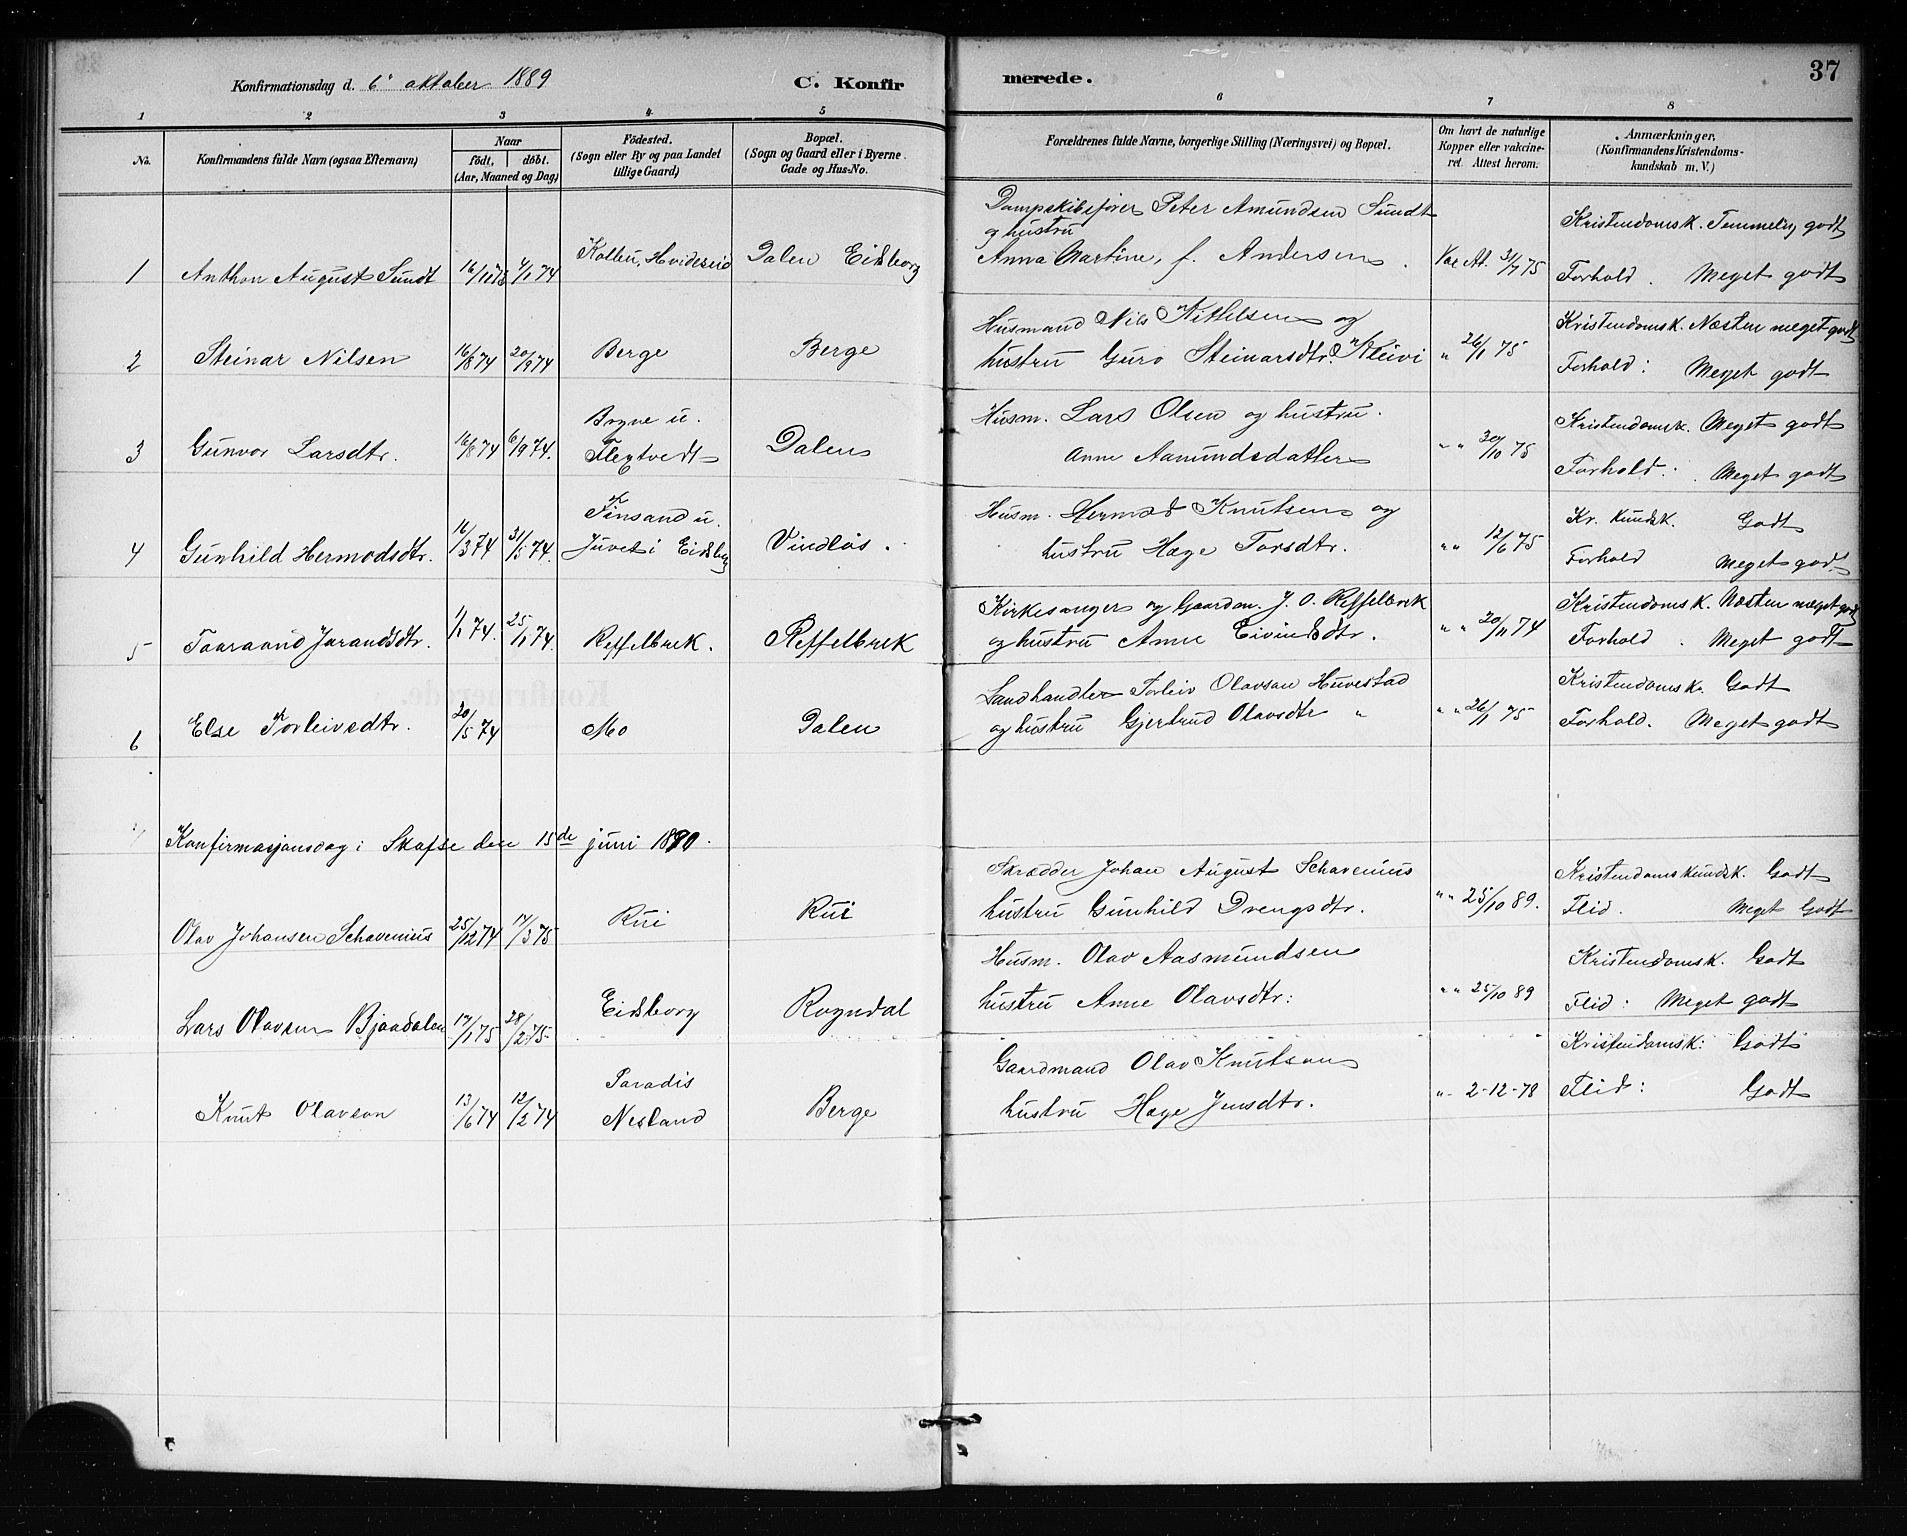 SAKO, Lårdal kirkebøker, G/Gb/L0003: Parish register (copy) no. II 3, 1889-1920, p. 37